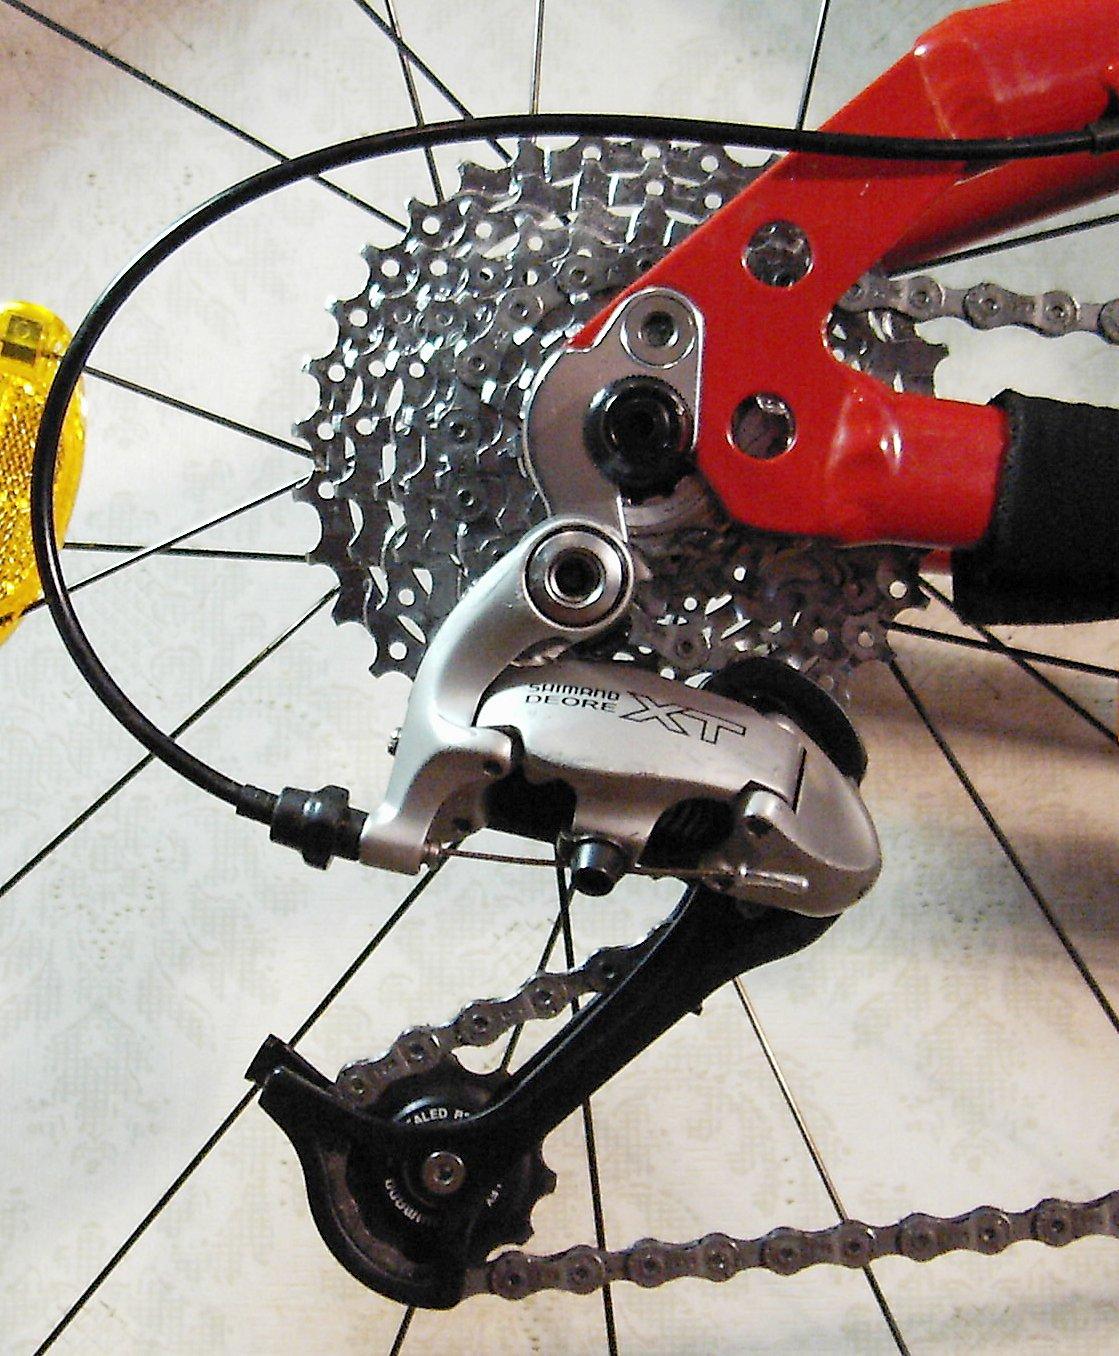 自転車の 自転車 ギア比 交換 : Bicycle Gears Shimano Rear Derailleur